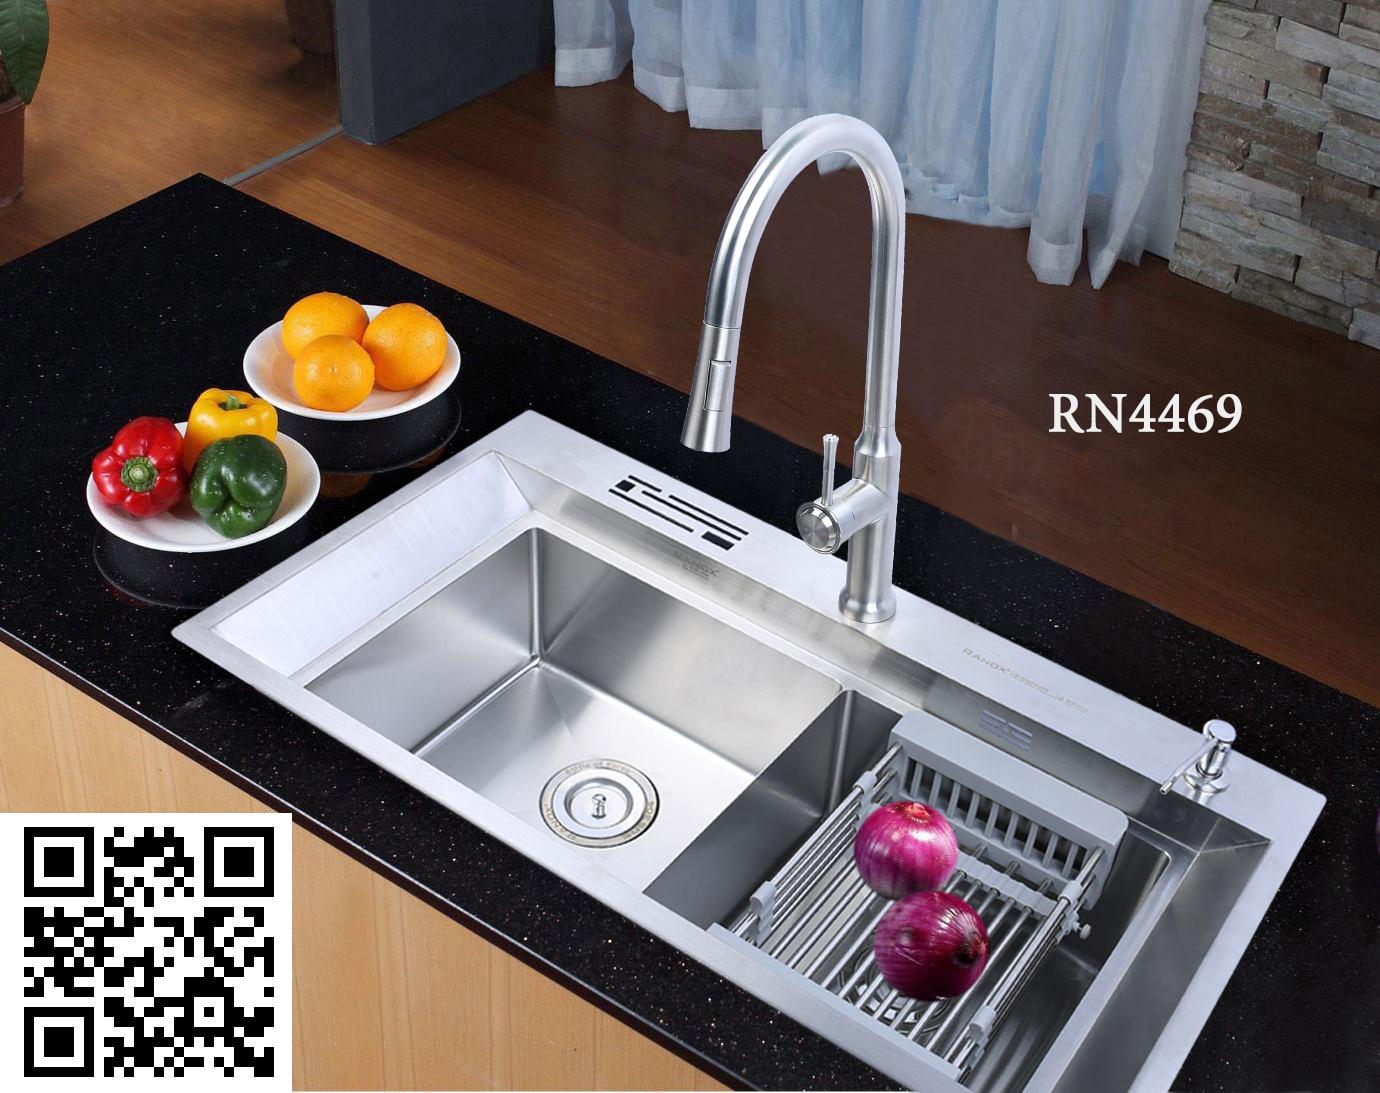 Bộ Chậu rửa bát inox Hàn Quốc RANOX